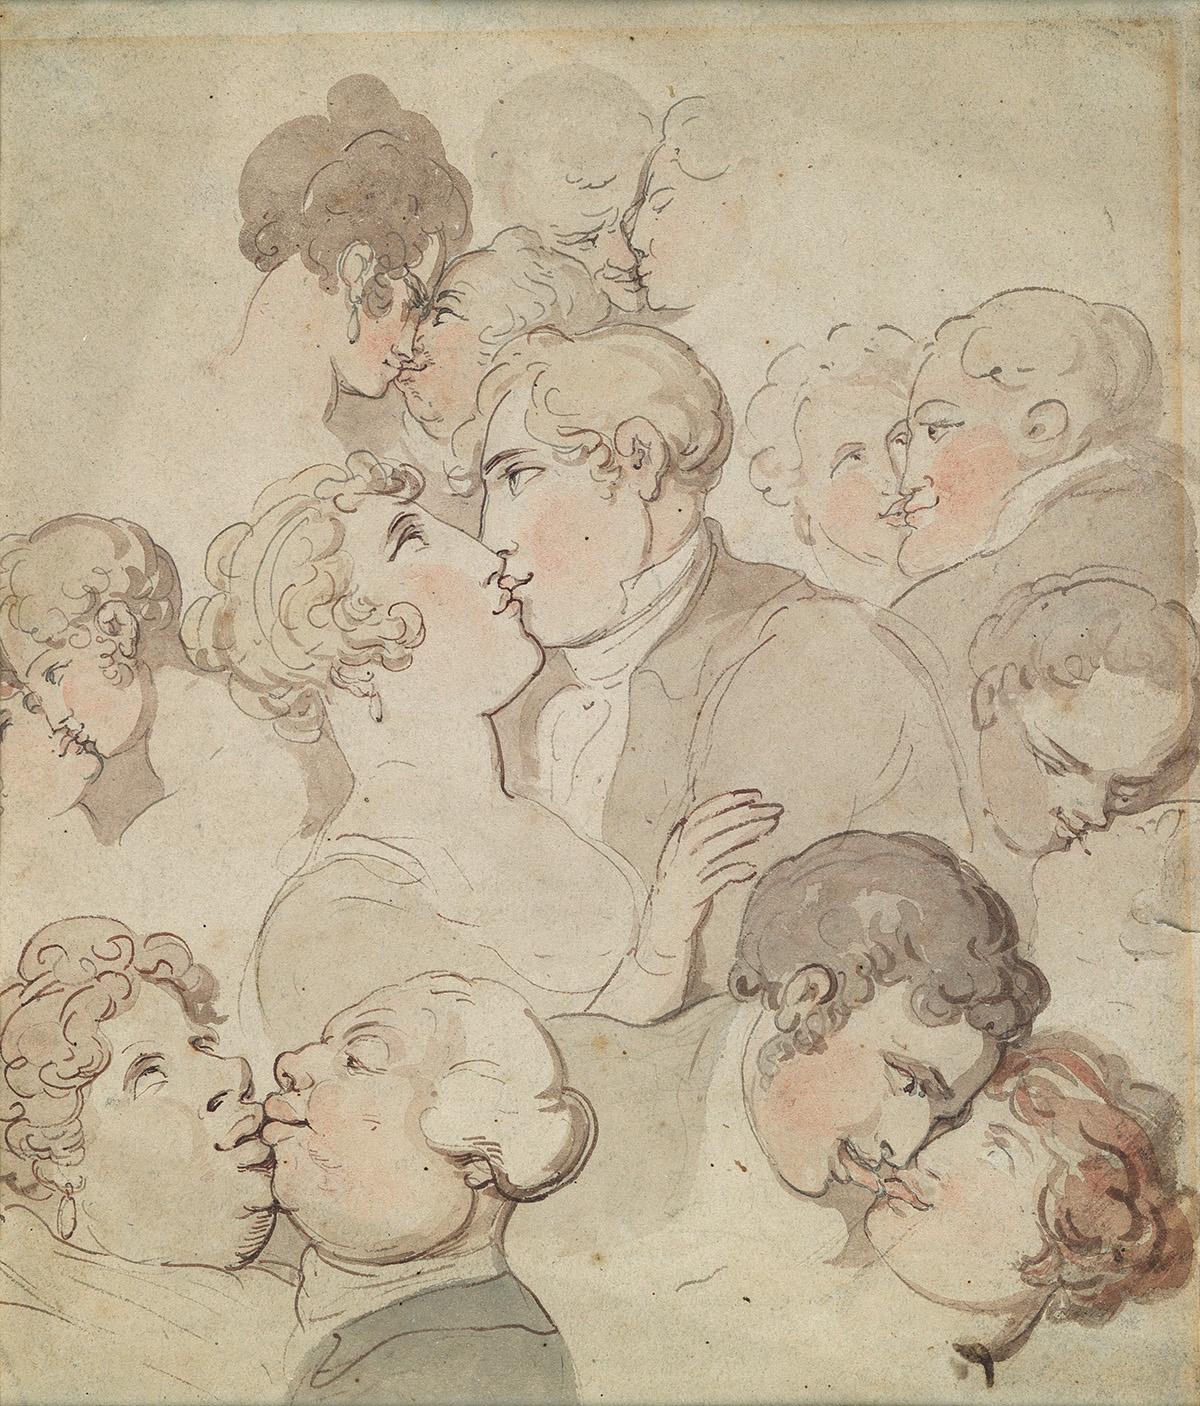 THOMAS ROWLANDSON The Art of Kissing.